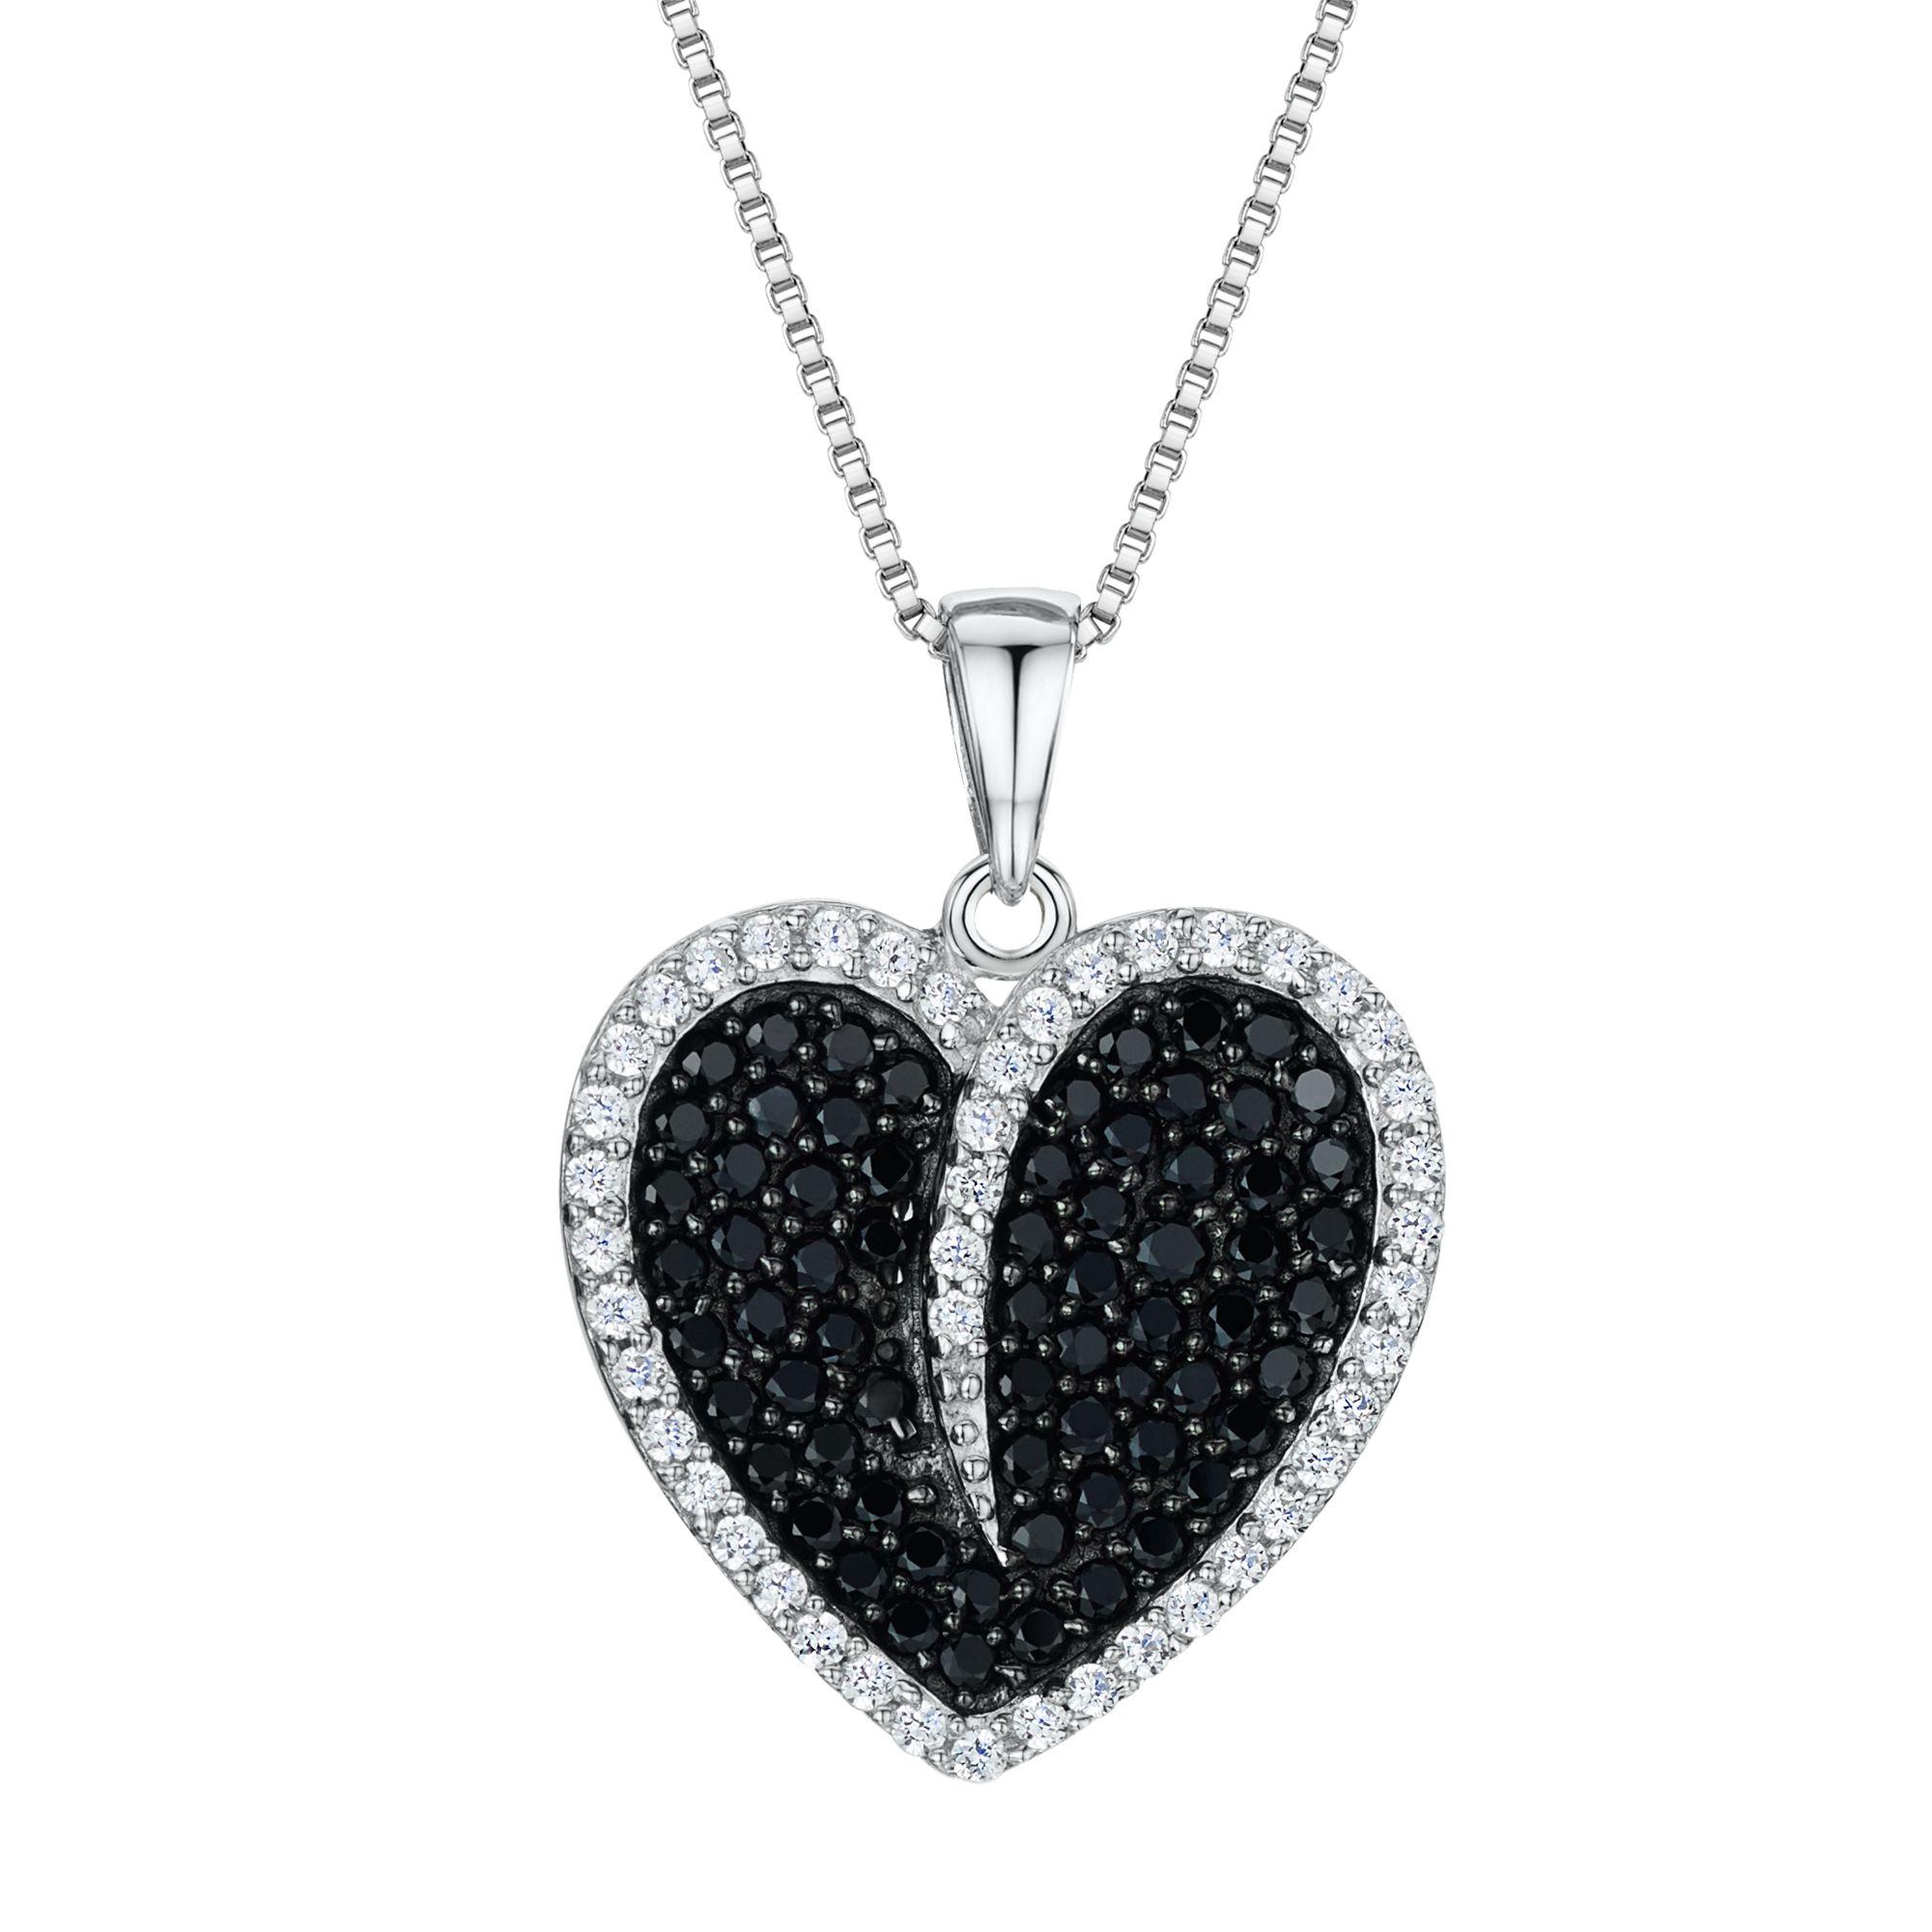 Jools by Jenny Brown Jools by Jenny Brown Cubic Zirconia Heart Necklace, Silver/Black